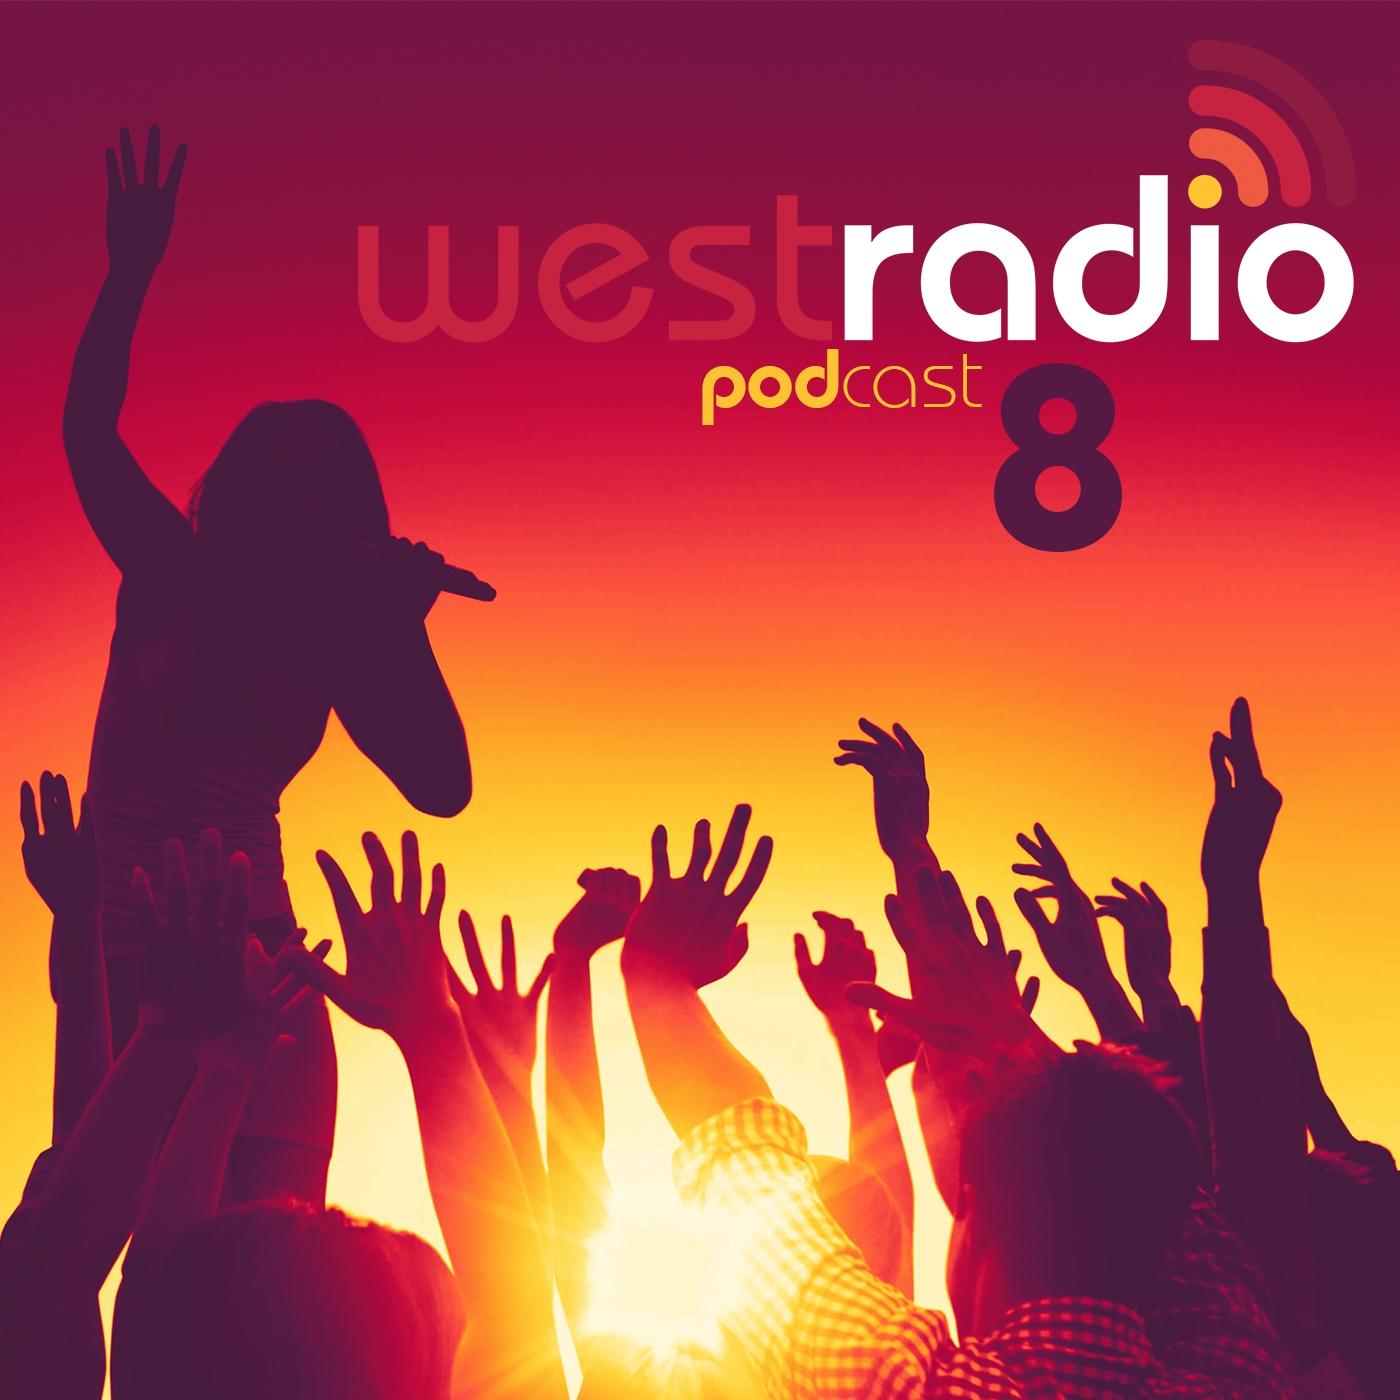 WestRadio - Podcast - 8.0